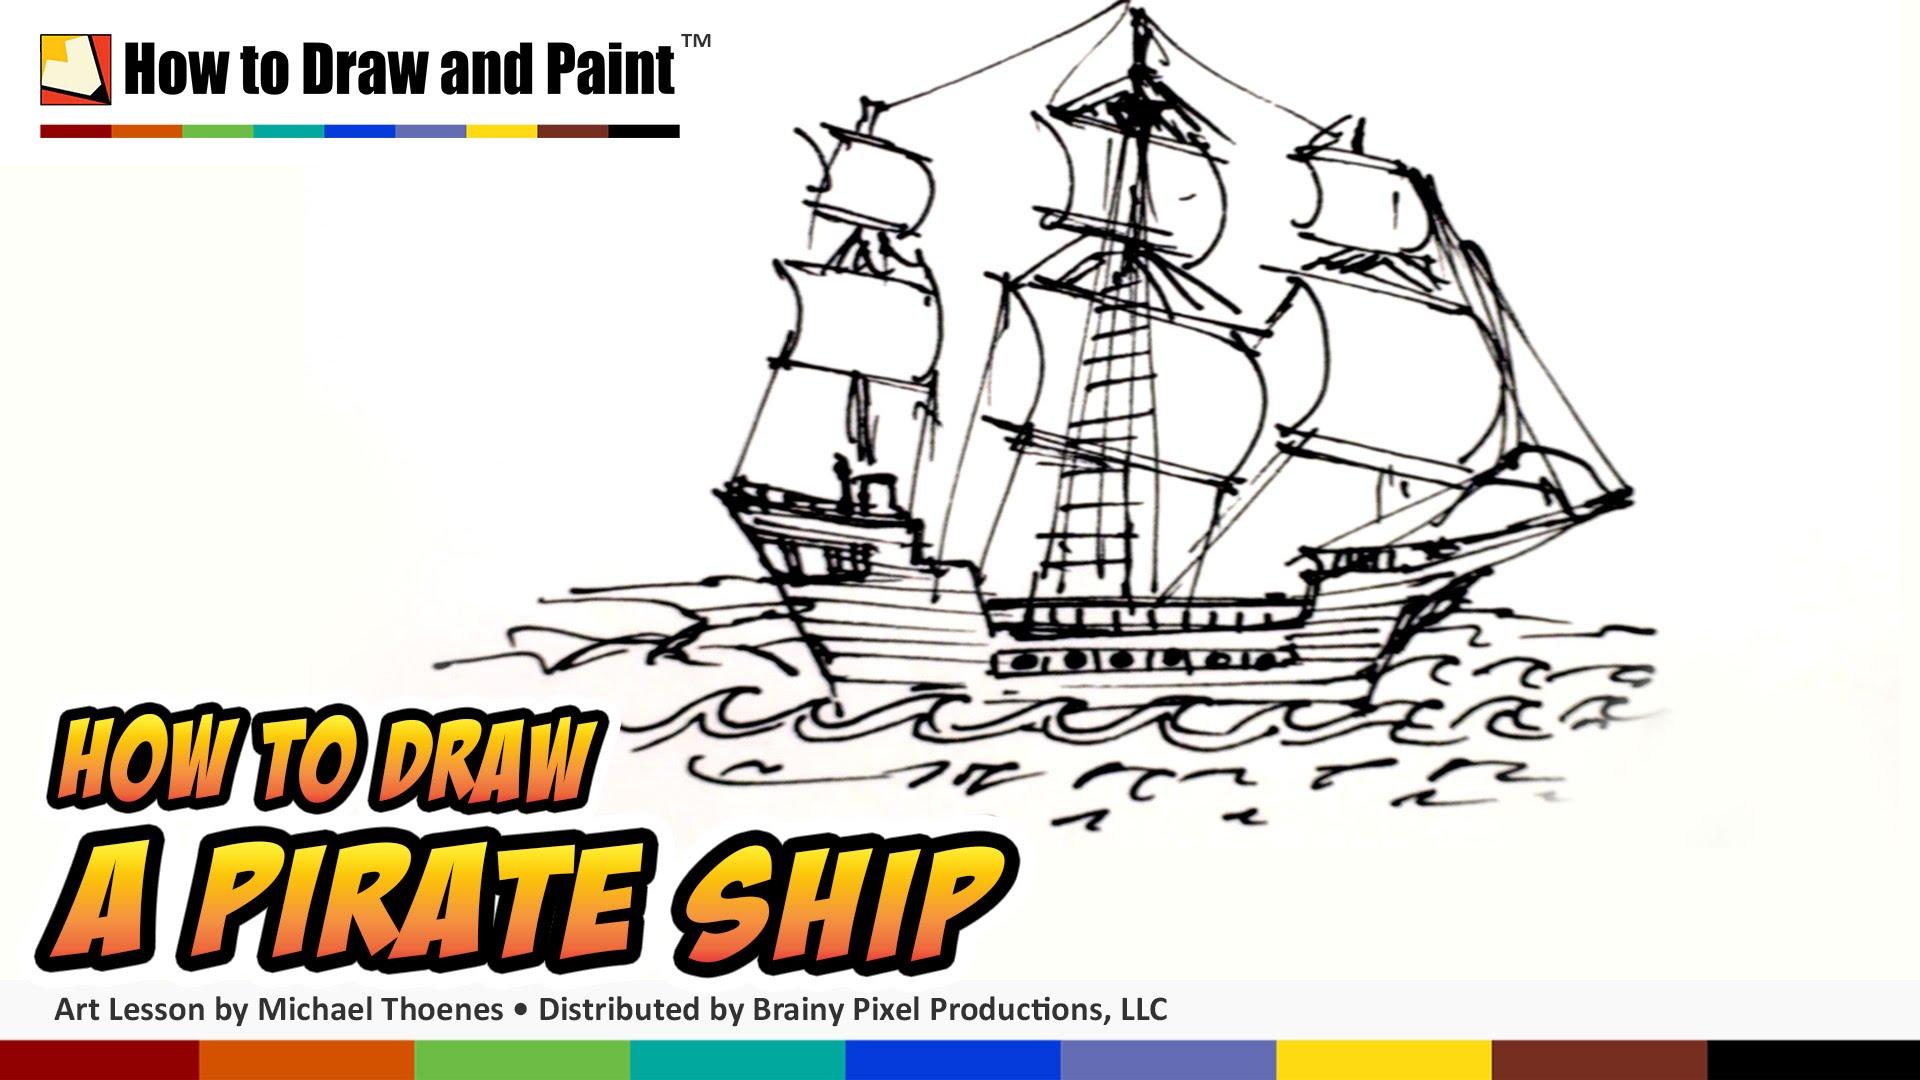 Drawn pirate classic Ship Draw a Kids Pirate